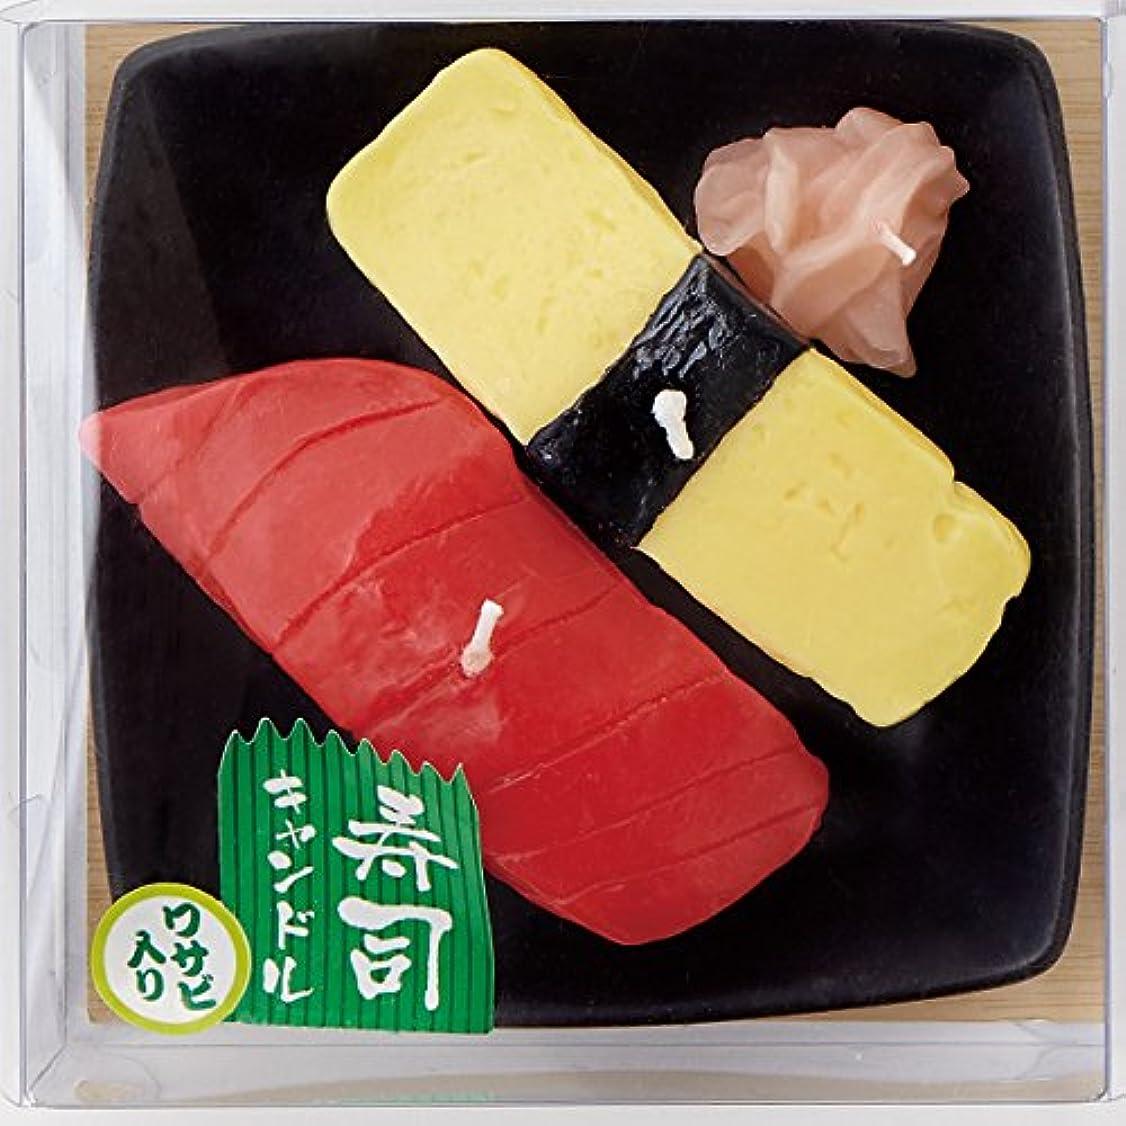 かまど拍手する慢寿司キャンドル A(マグロ?玉子) サビ入